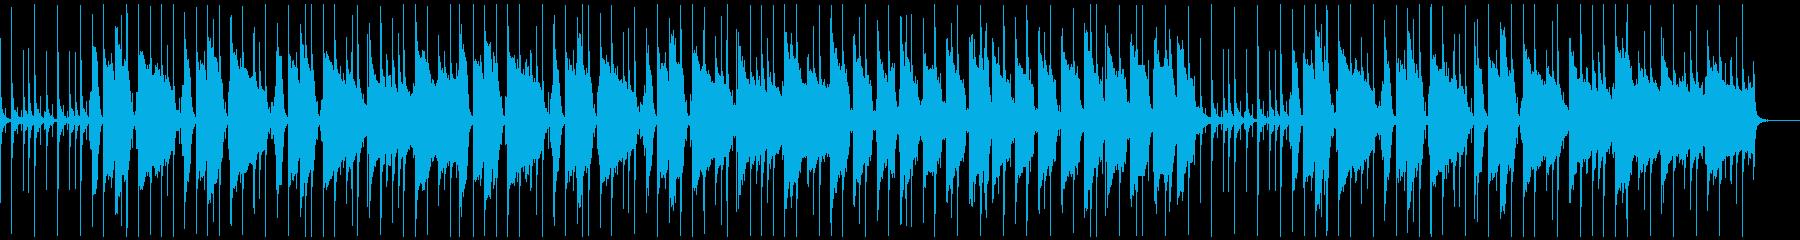 ローファイヒップホップほのぼのの再生済みの波形